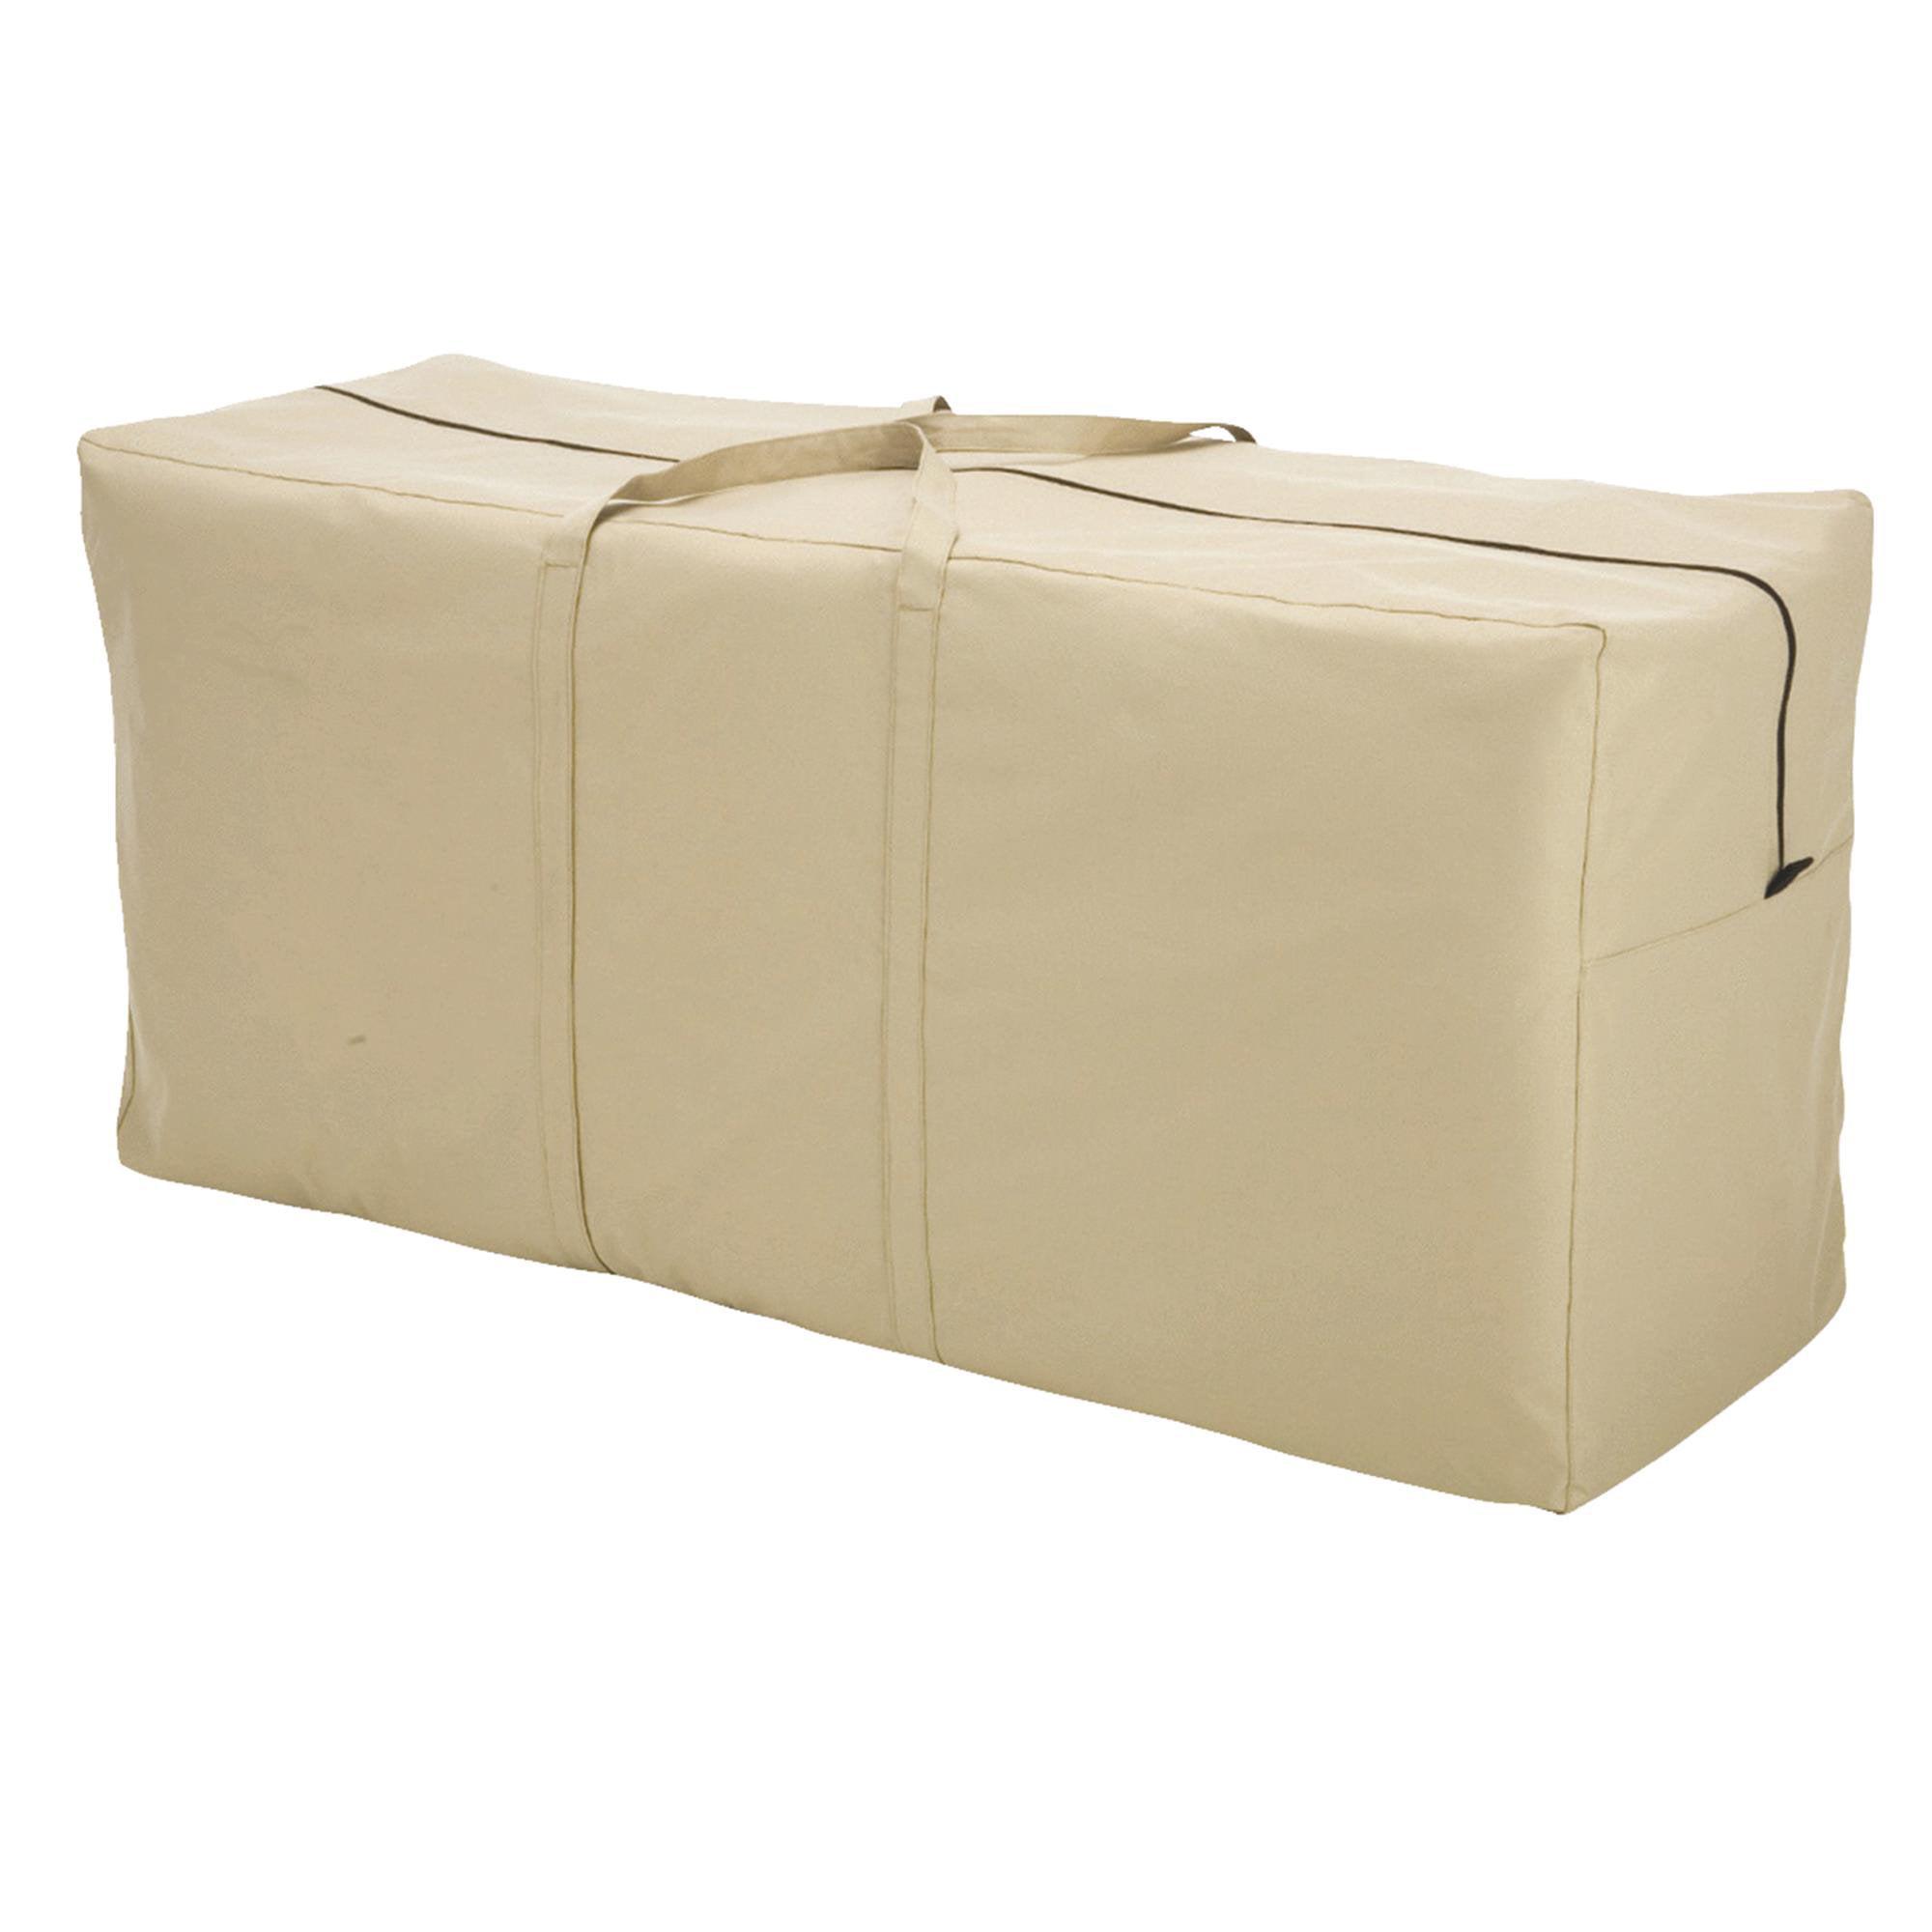 Classic Accessories Terrazzo Patio Cushion & Cover Storage Bag